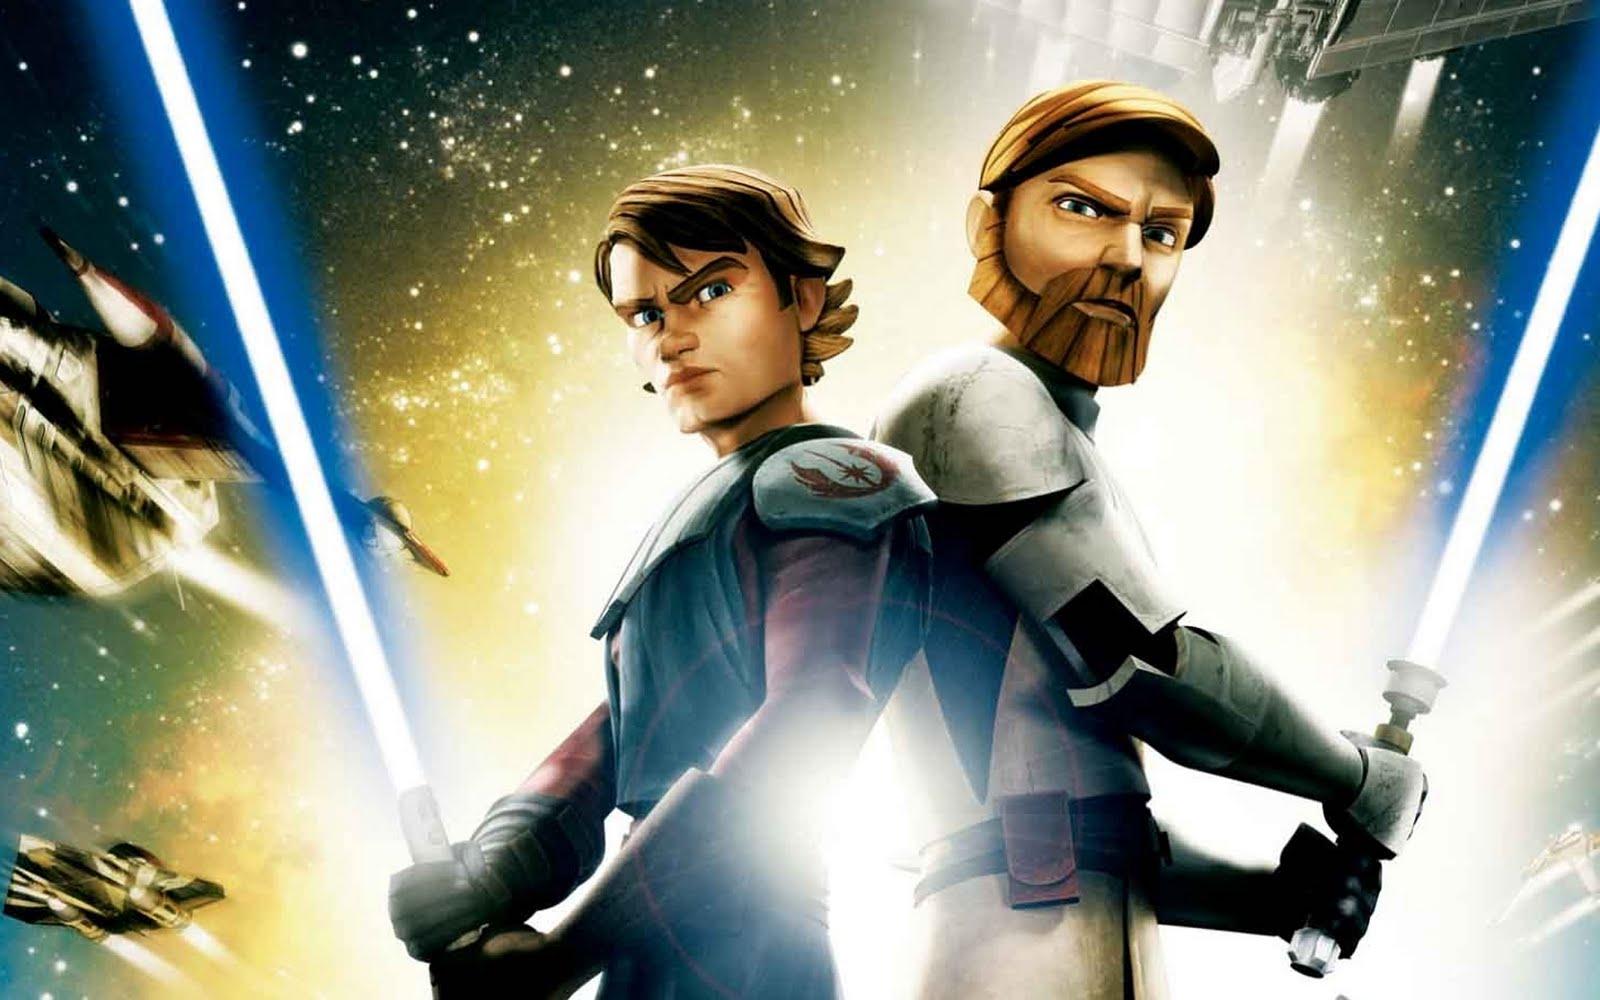 http://3.bp.blogspot.com/-0qZZvql-qwo/Tk0efS7ucXI/AAAAAAAAALA/SSX-_qexw_w/s1600/star-wars-clone-wars-obi-wan-kenobi-anakin-skywalker.jpg